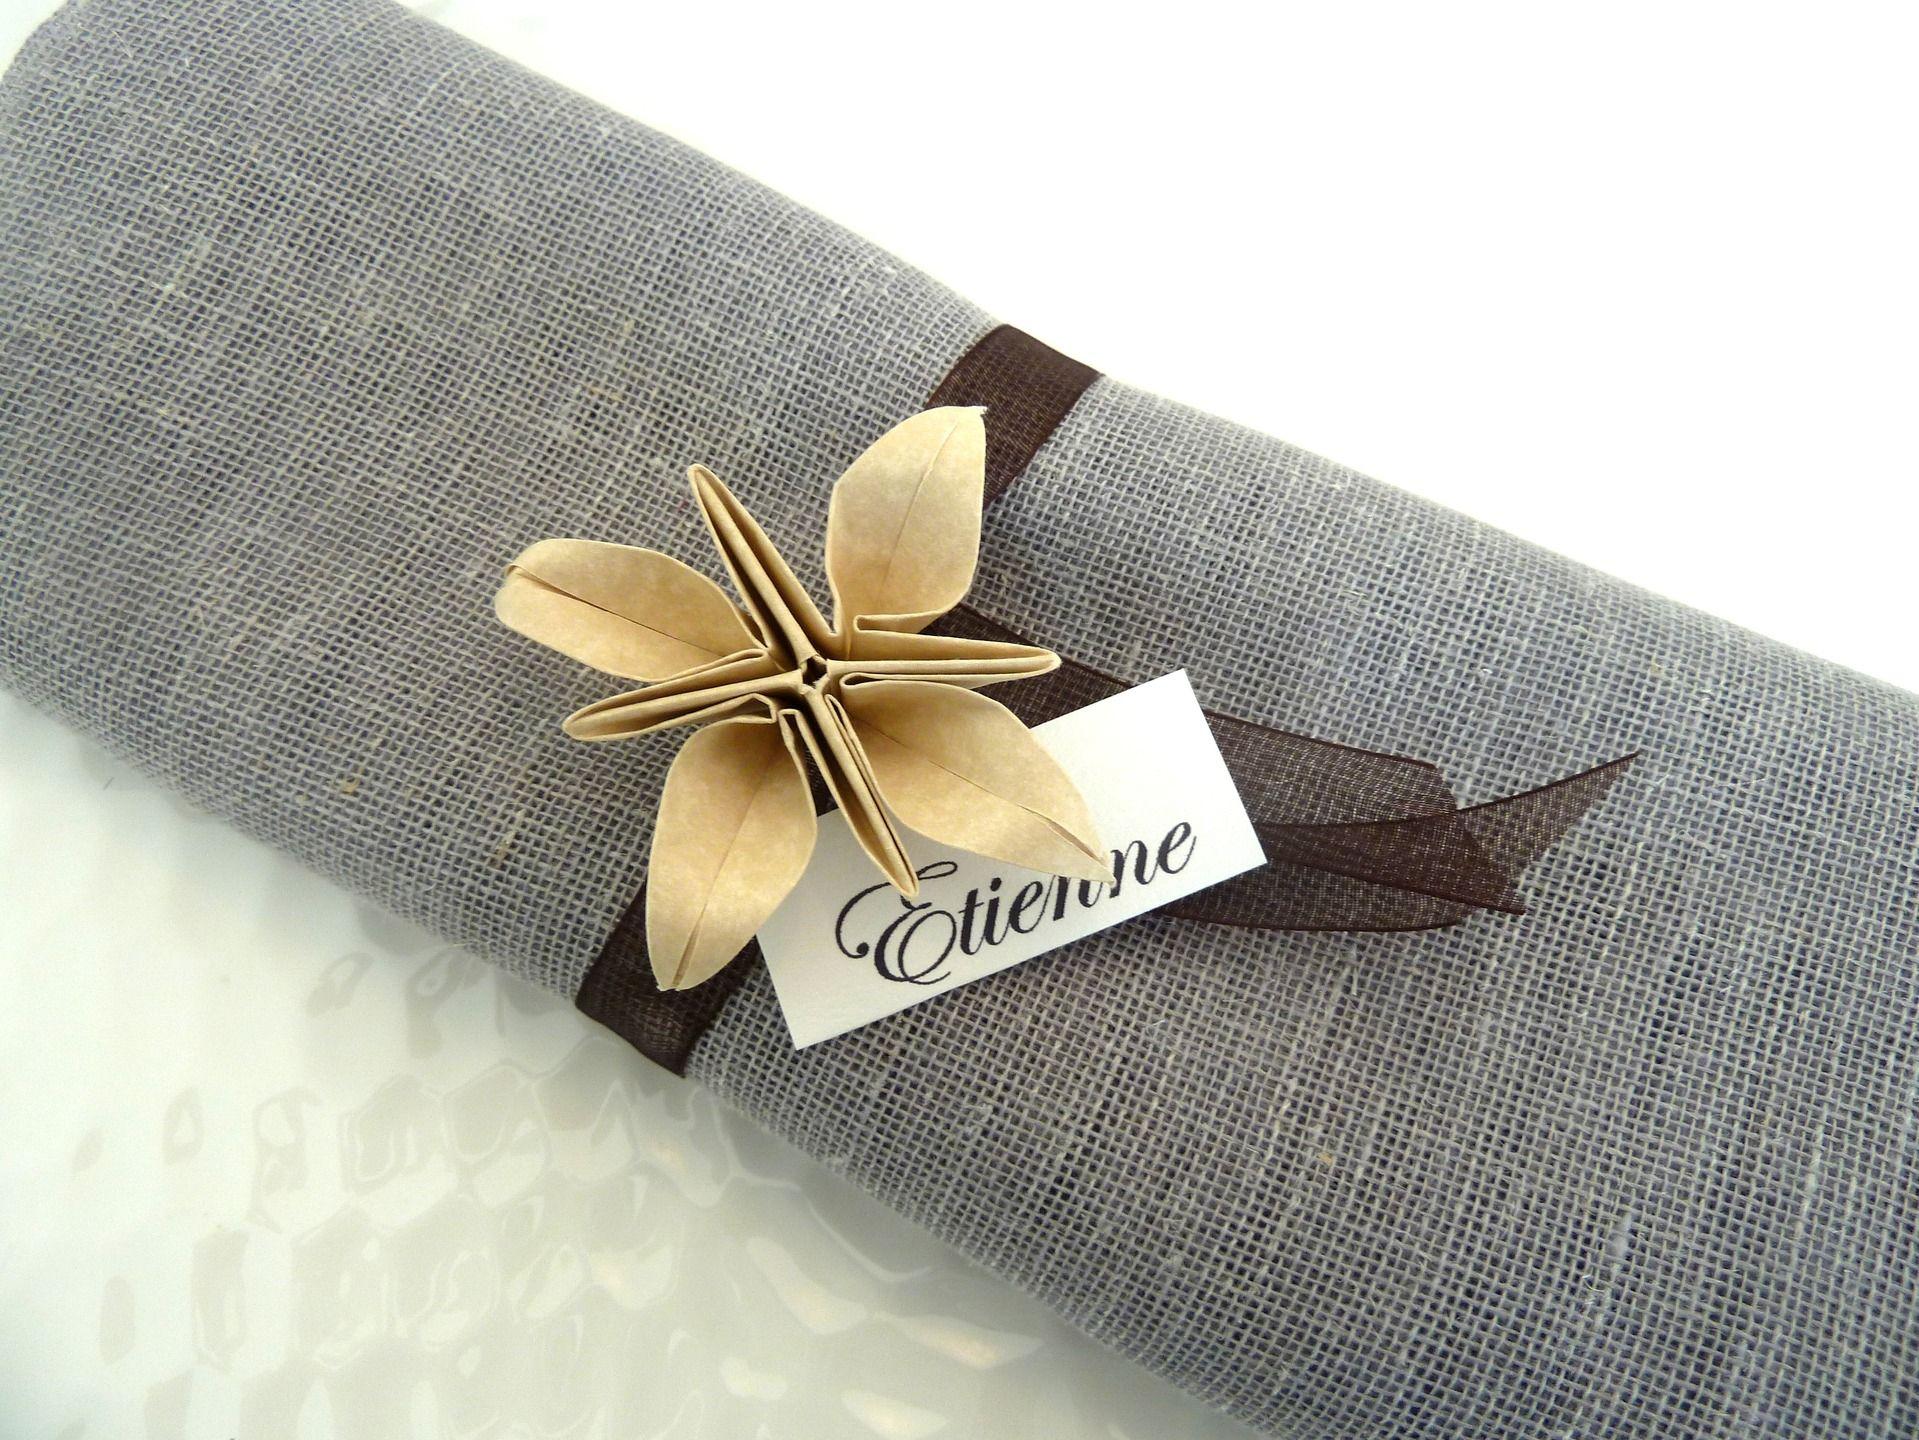 rond de serviette marques place pour mariage en origami fleur beige en papier ruban organza. Black Bedroom Furniture Sets. Home Design Ideas